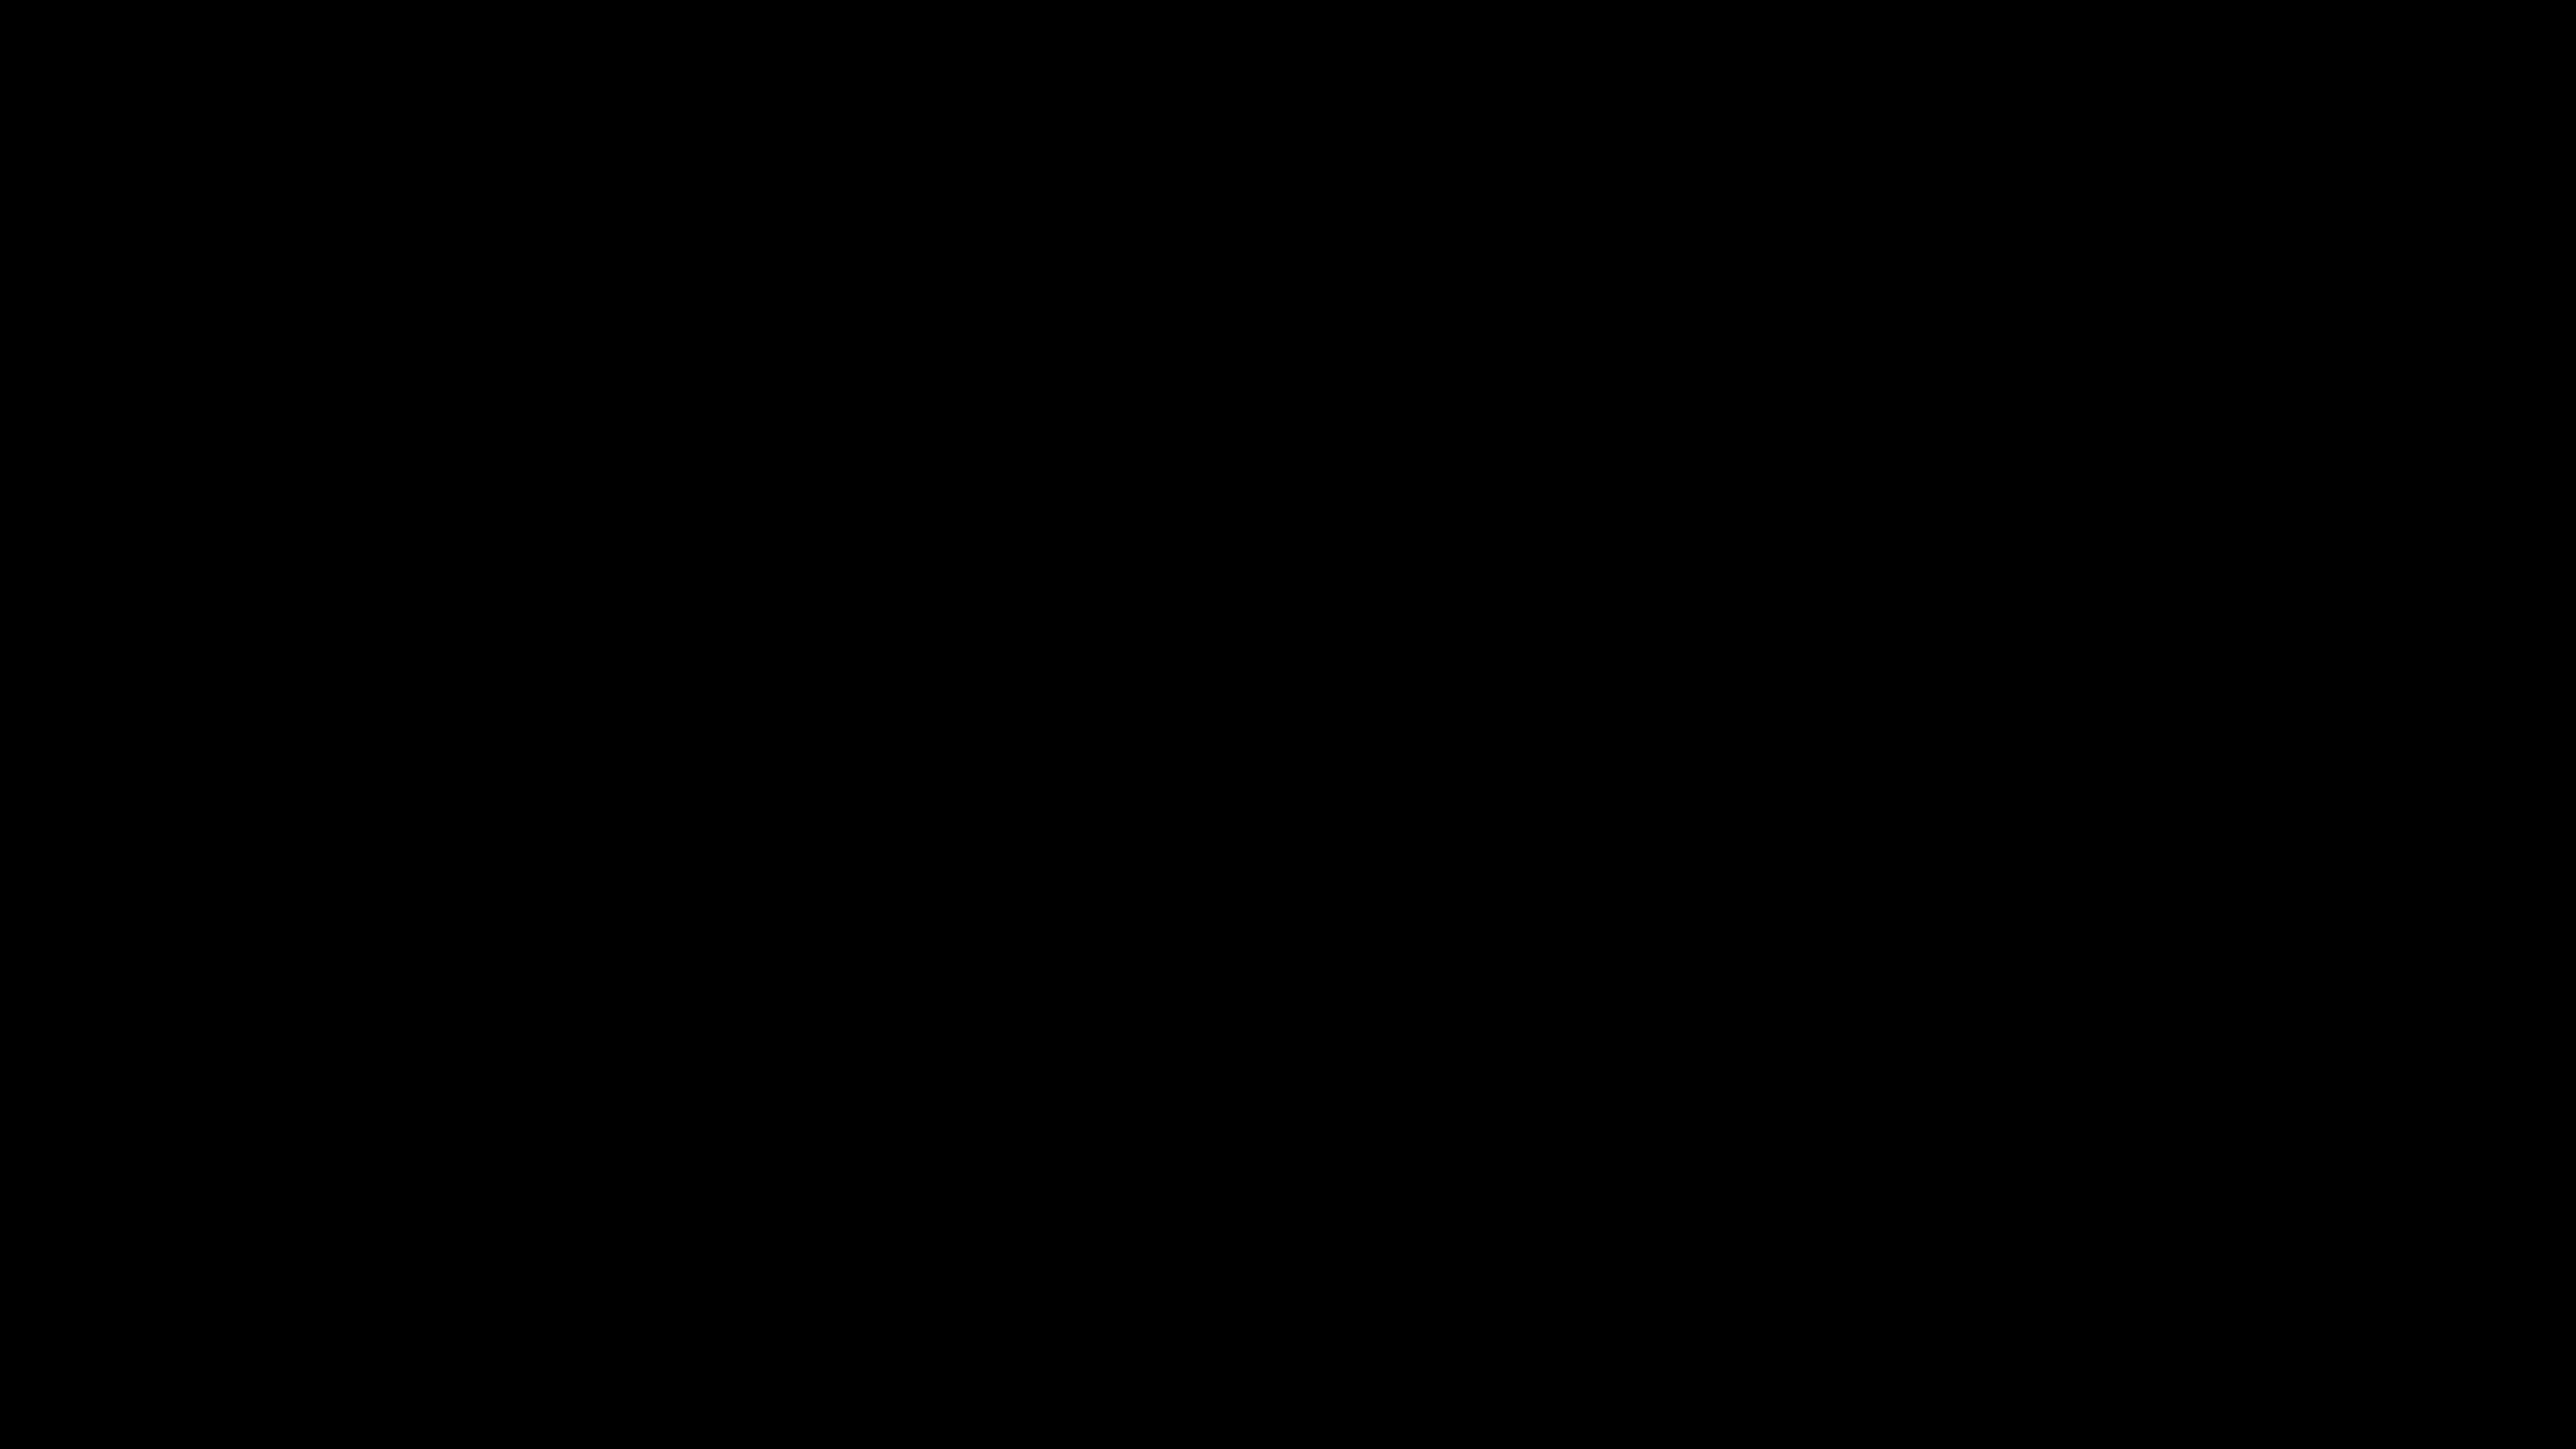 Dan sitting at his desk